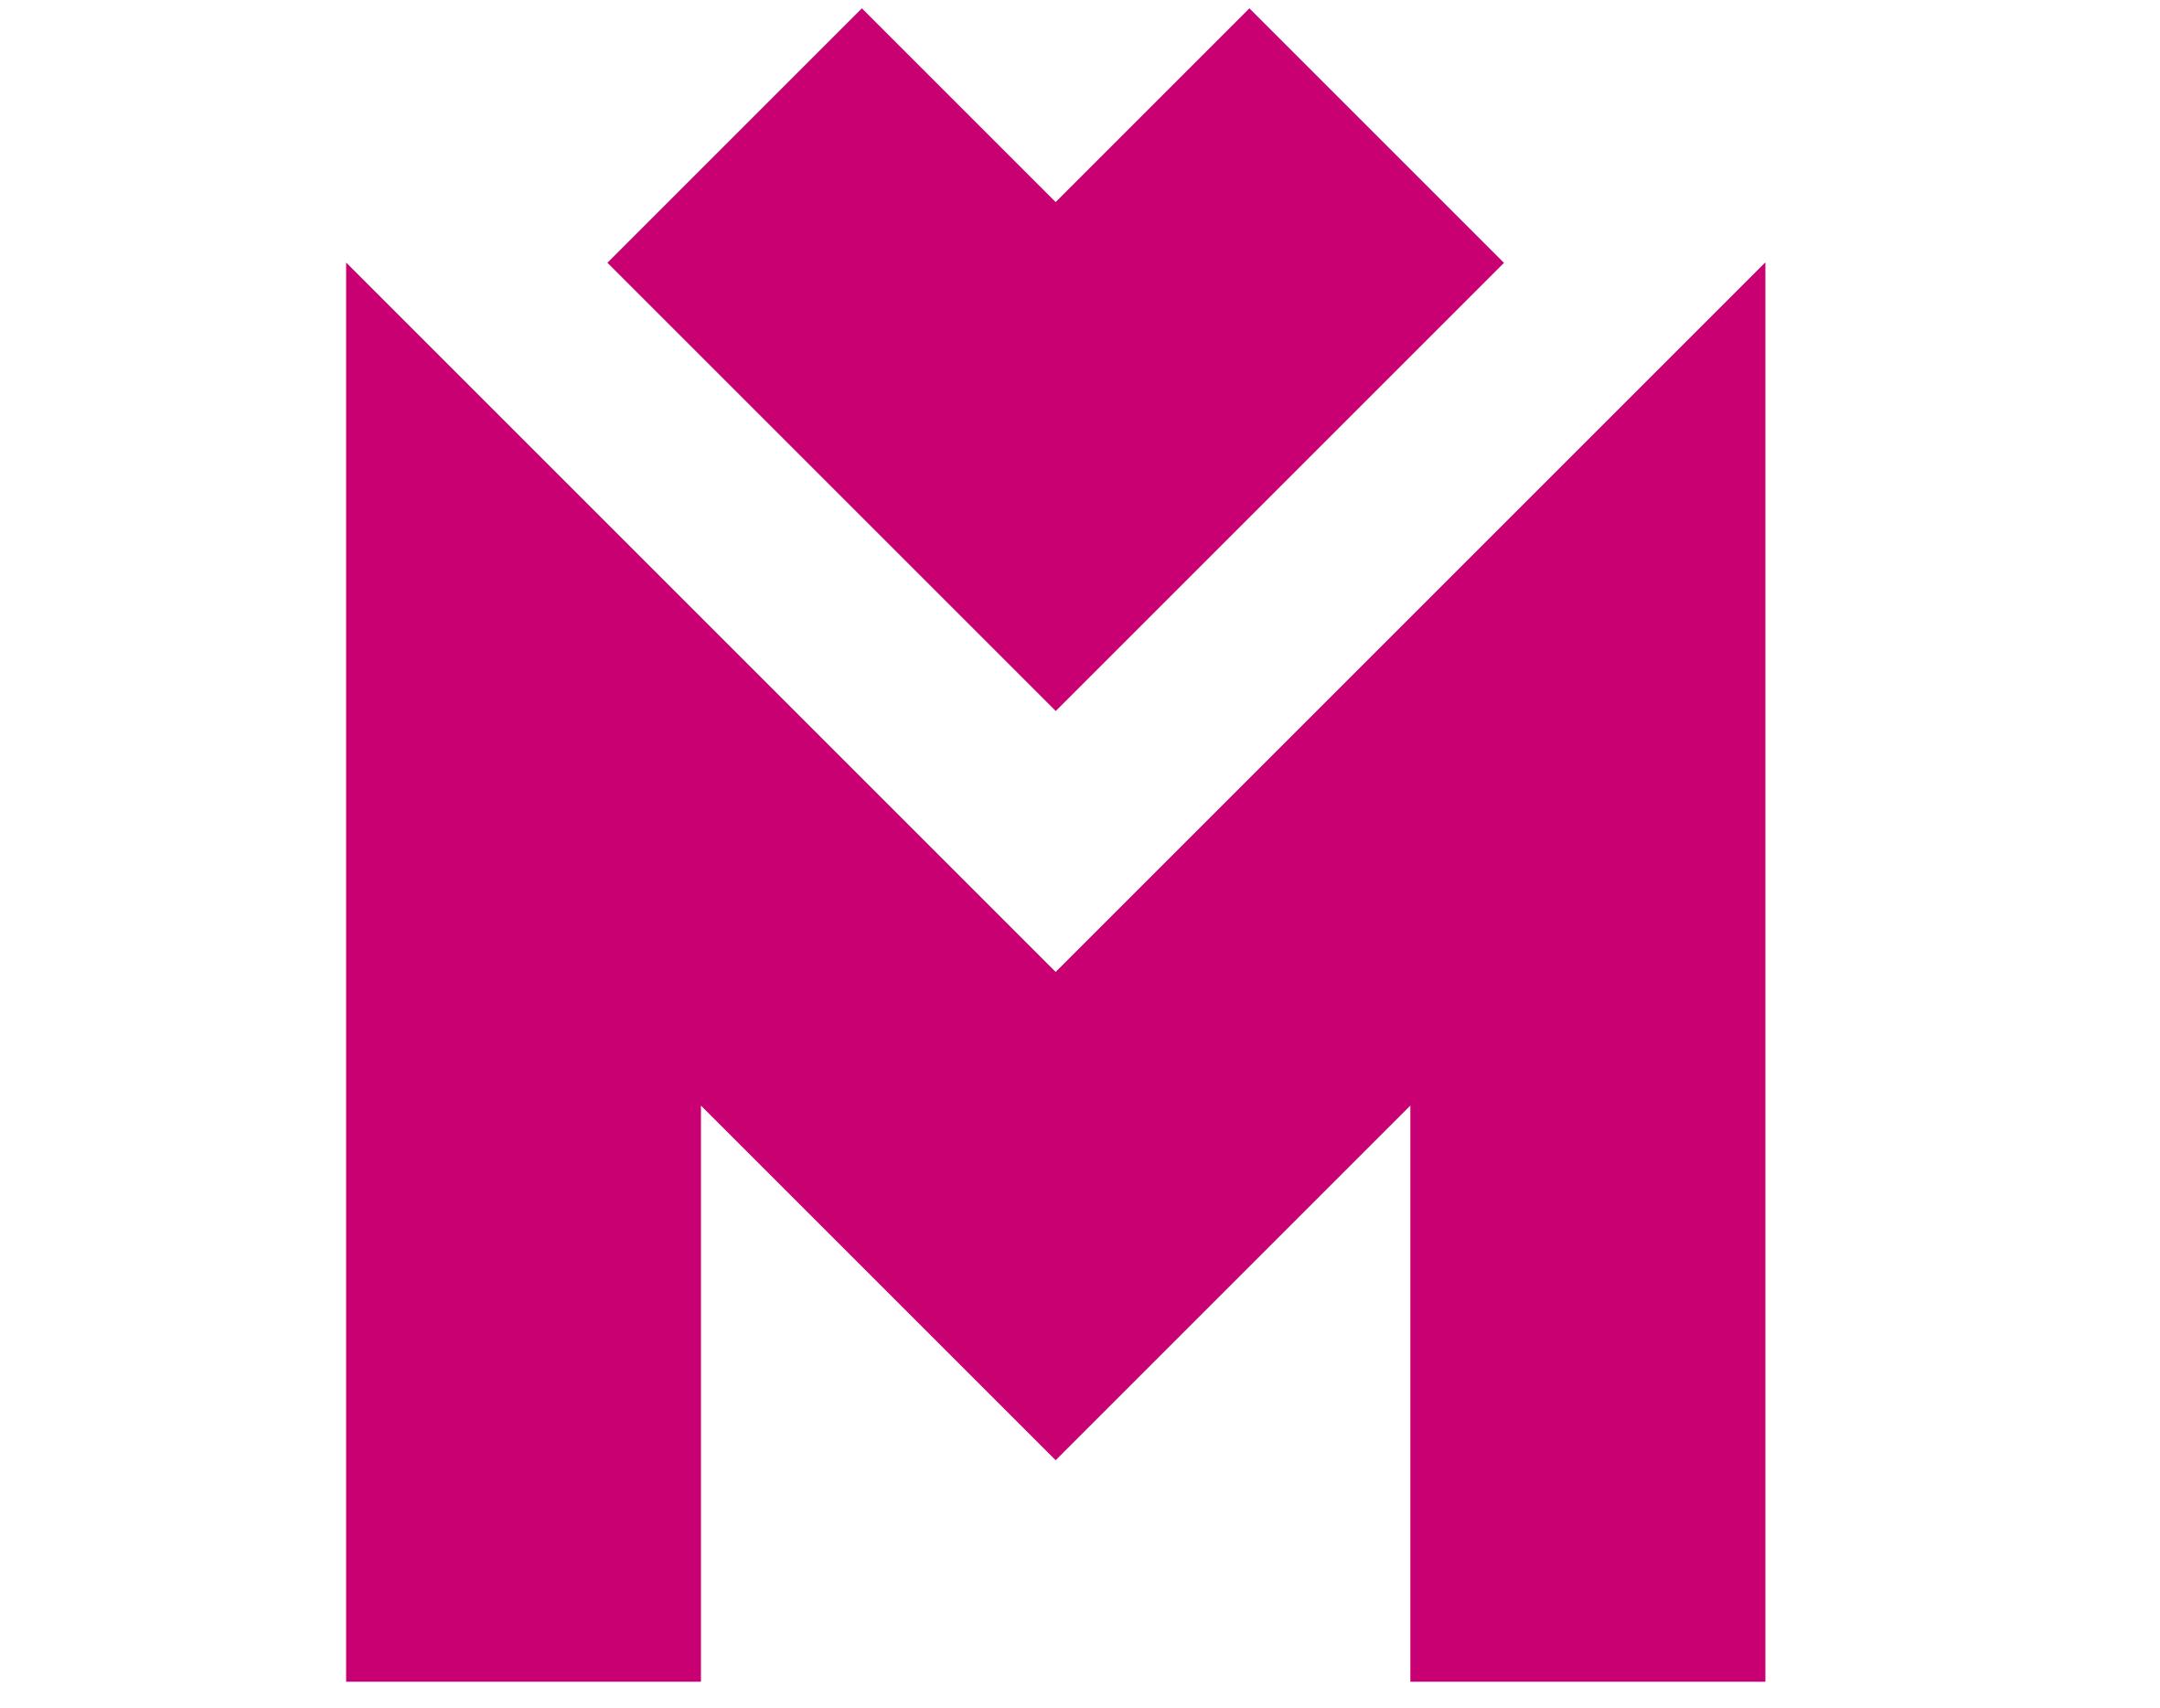 metropolia-gzm